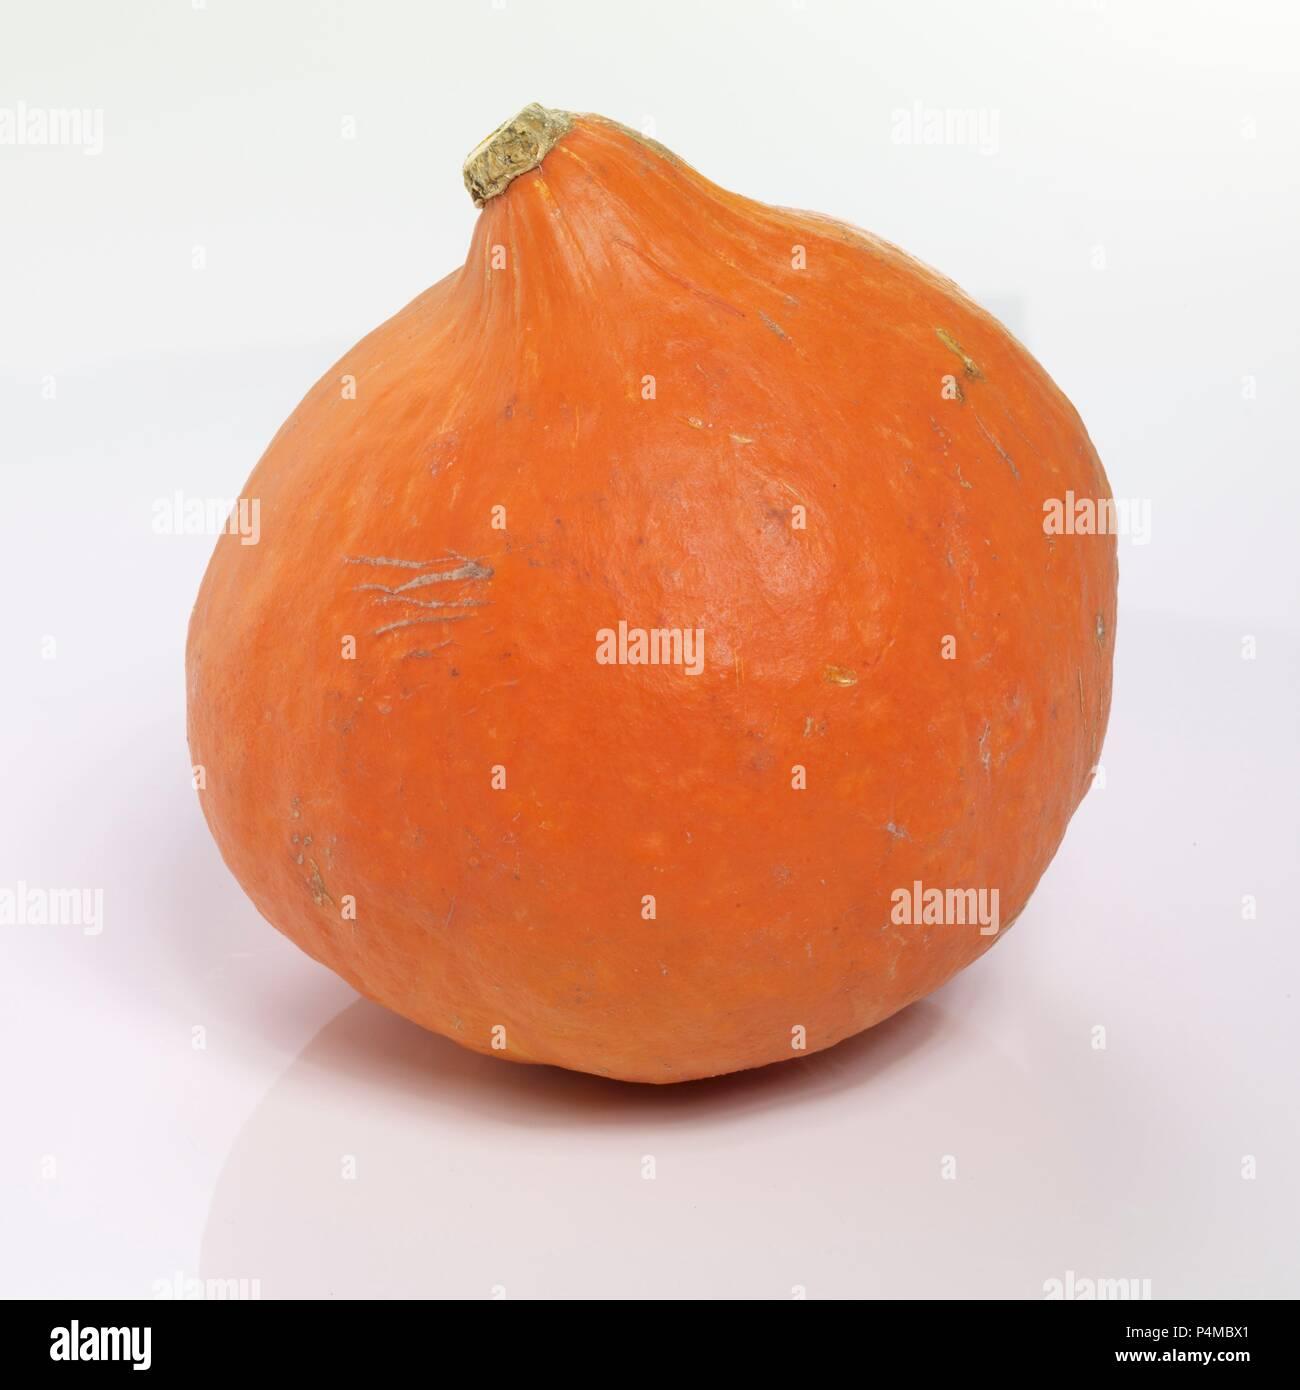 A whole Hokkaido pumpkin - Stock Image